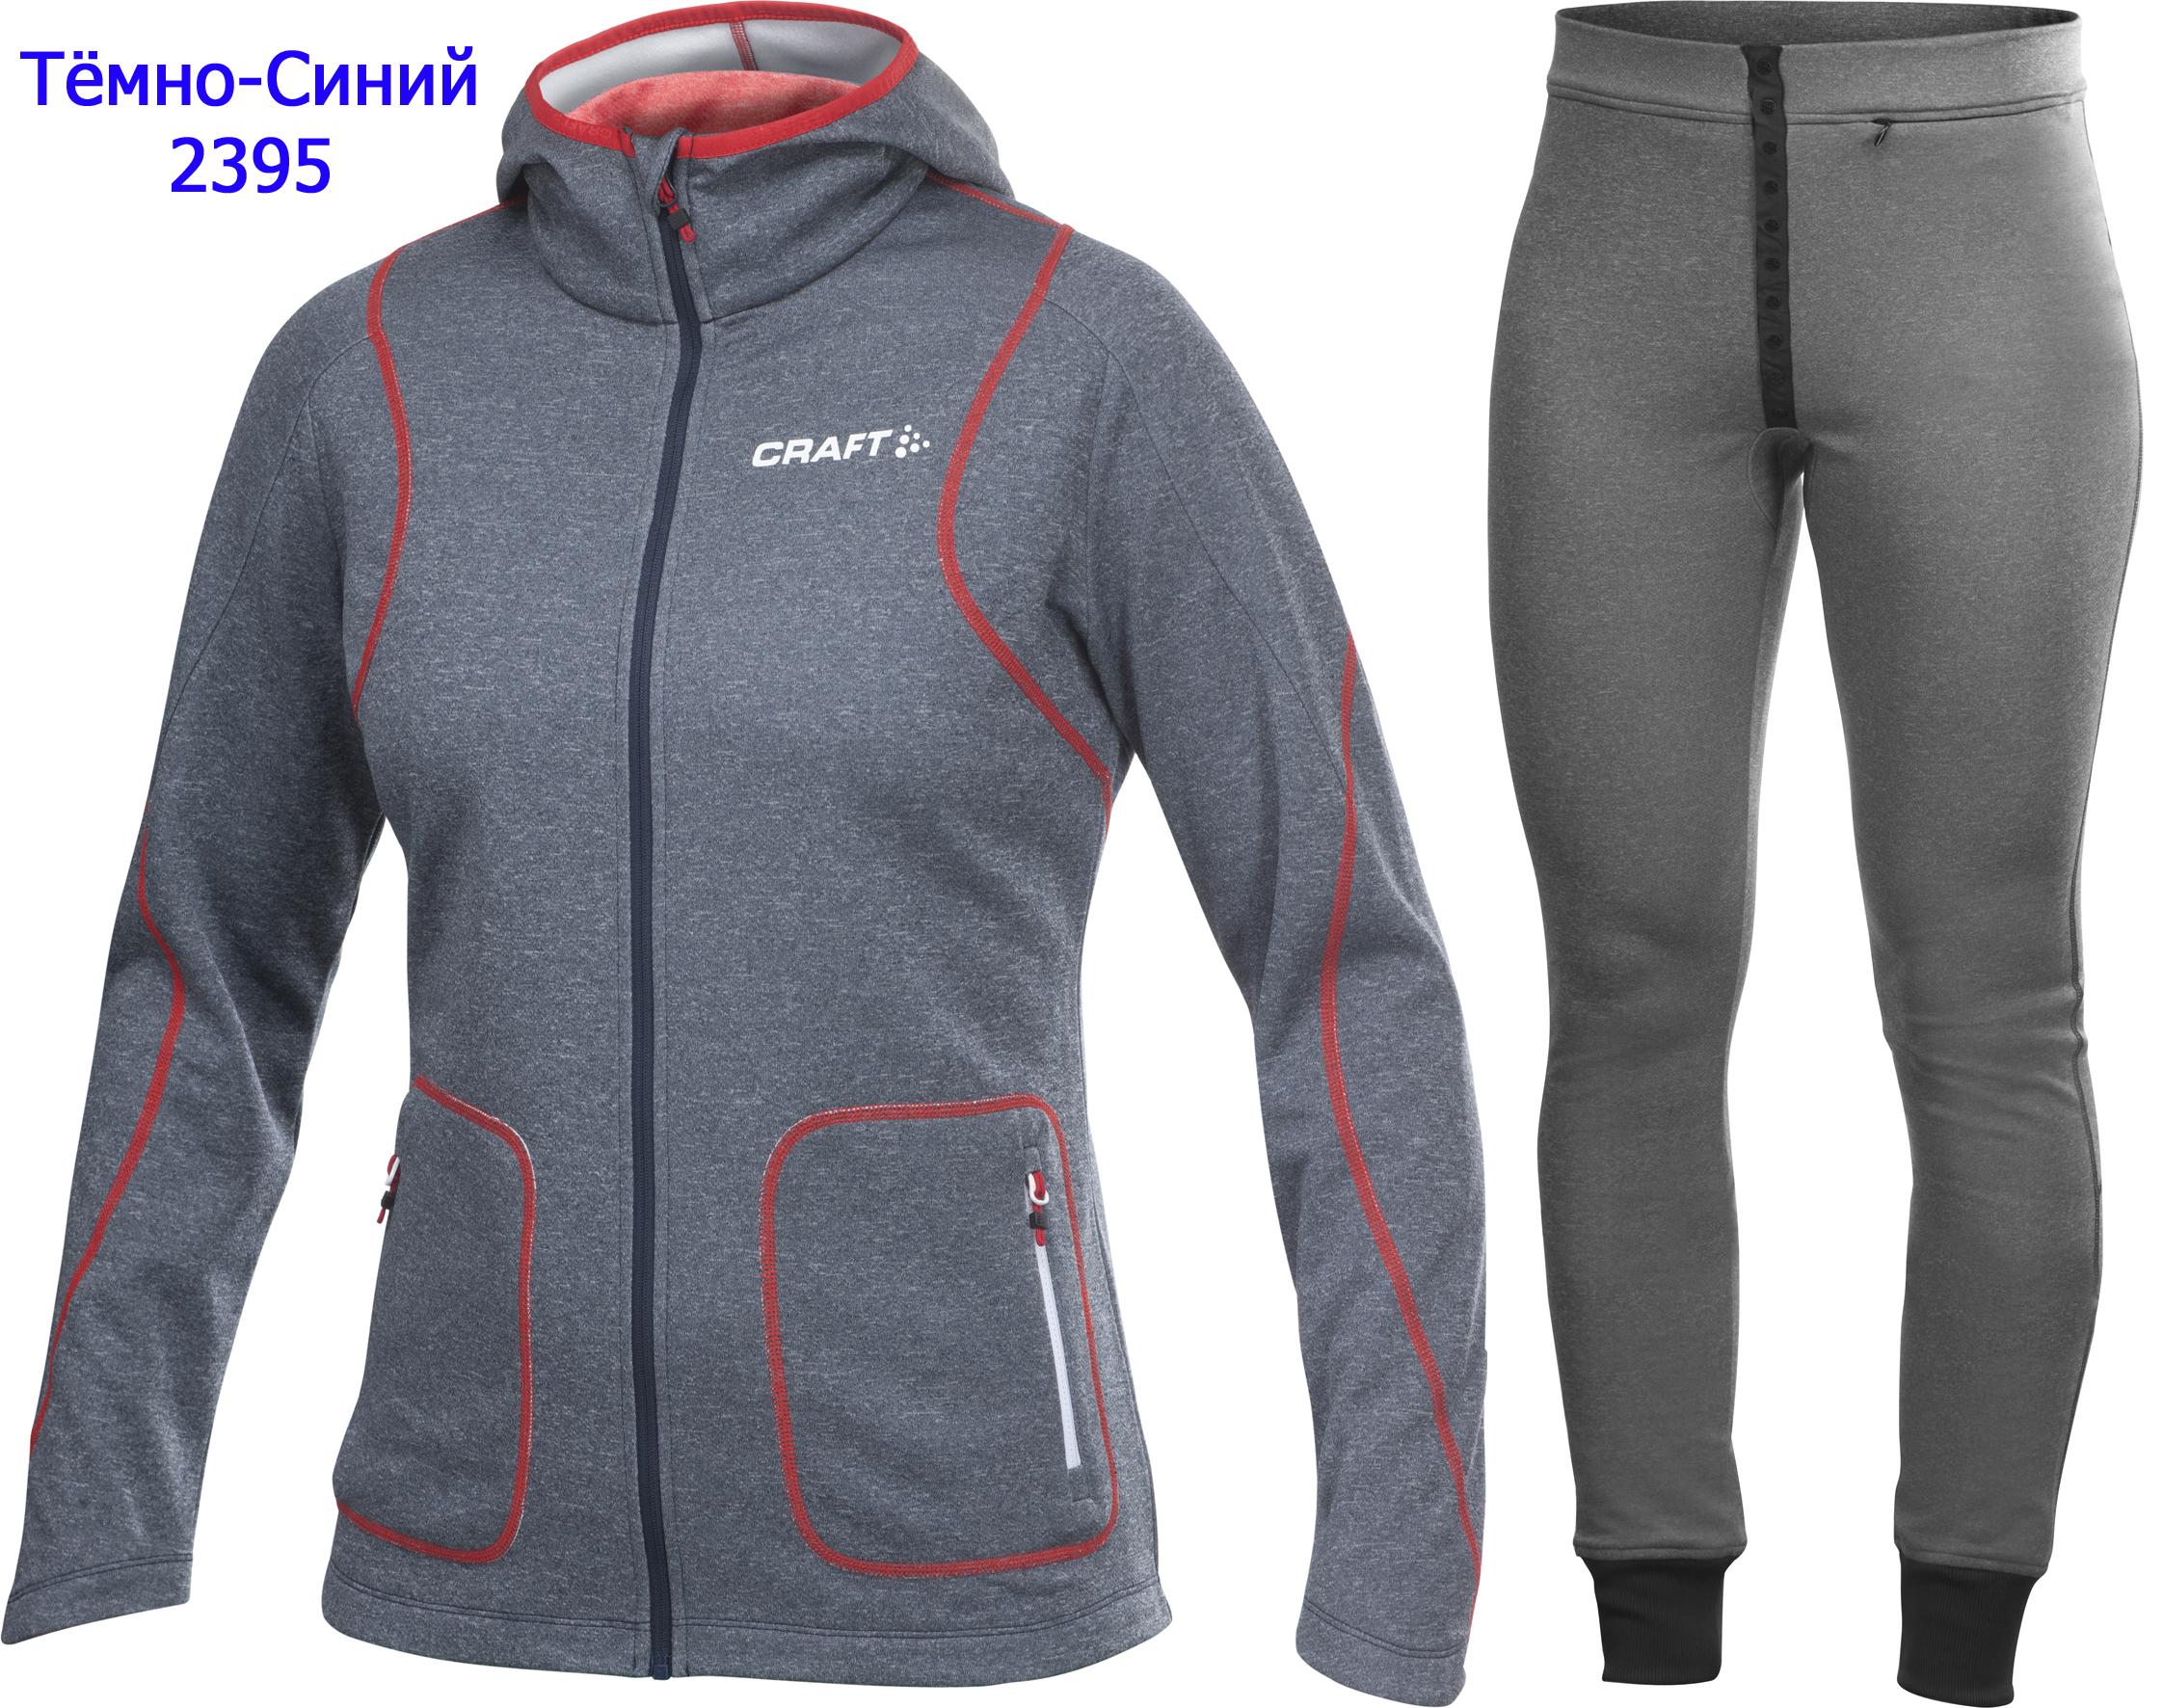 Толстовка Craft Active Hood Zip плюс флисовые брюки Craft Active